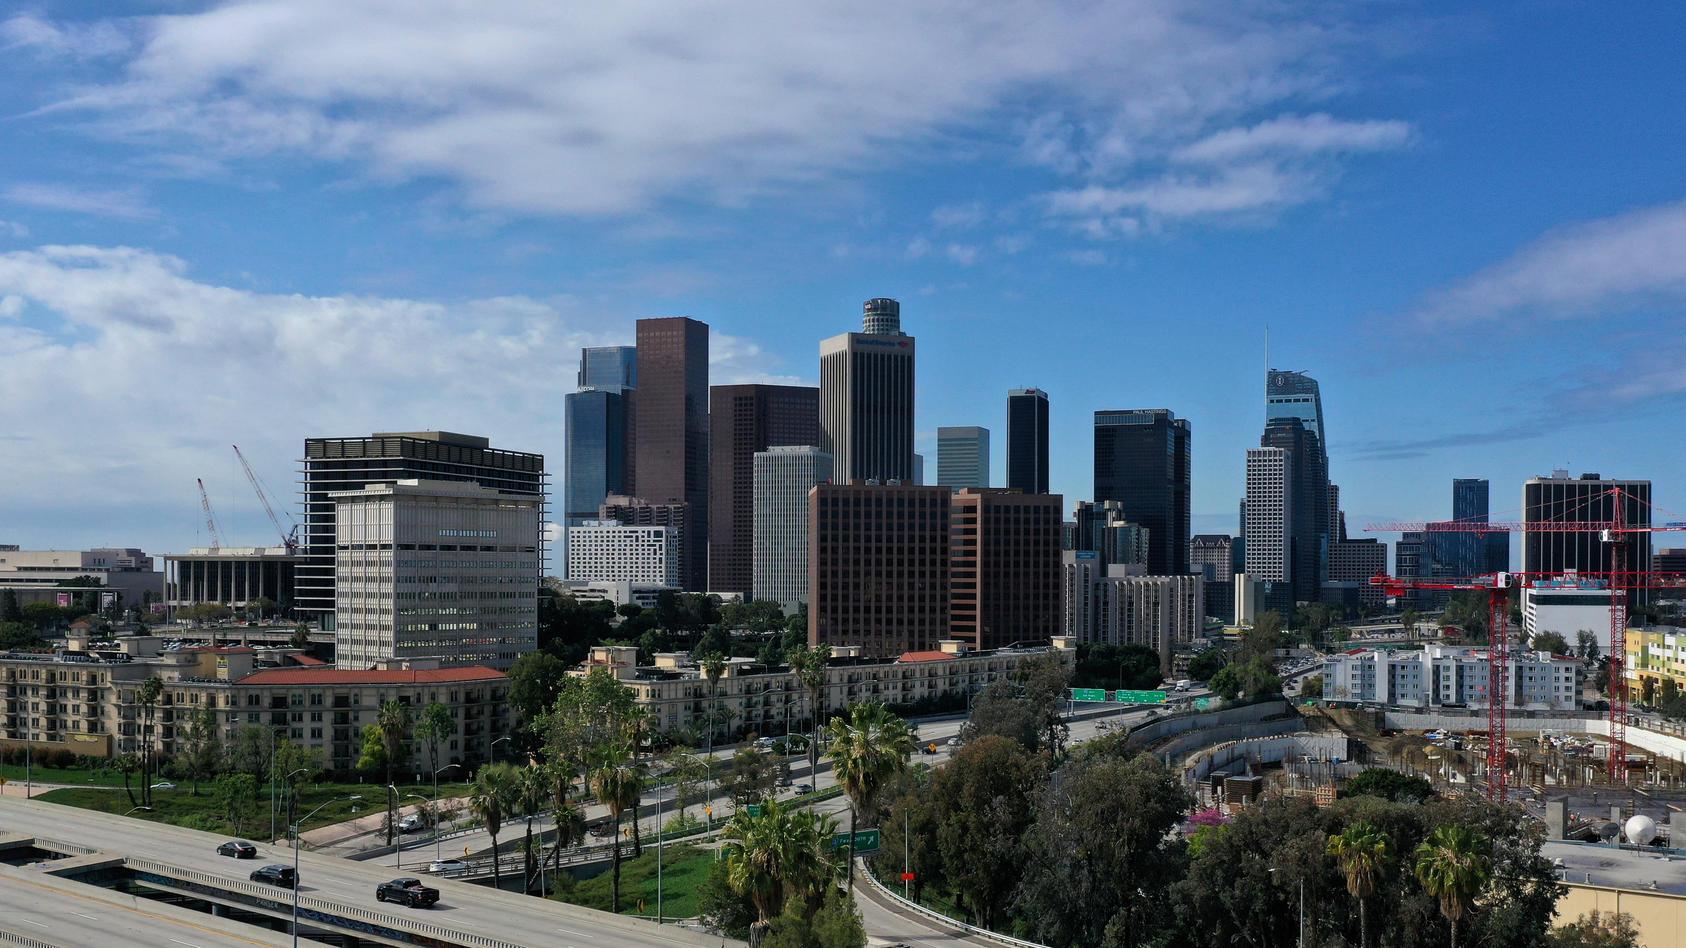 Die Skyline von Los Angeles